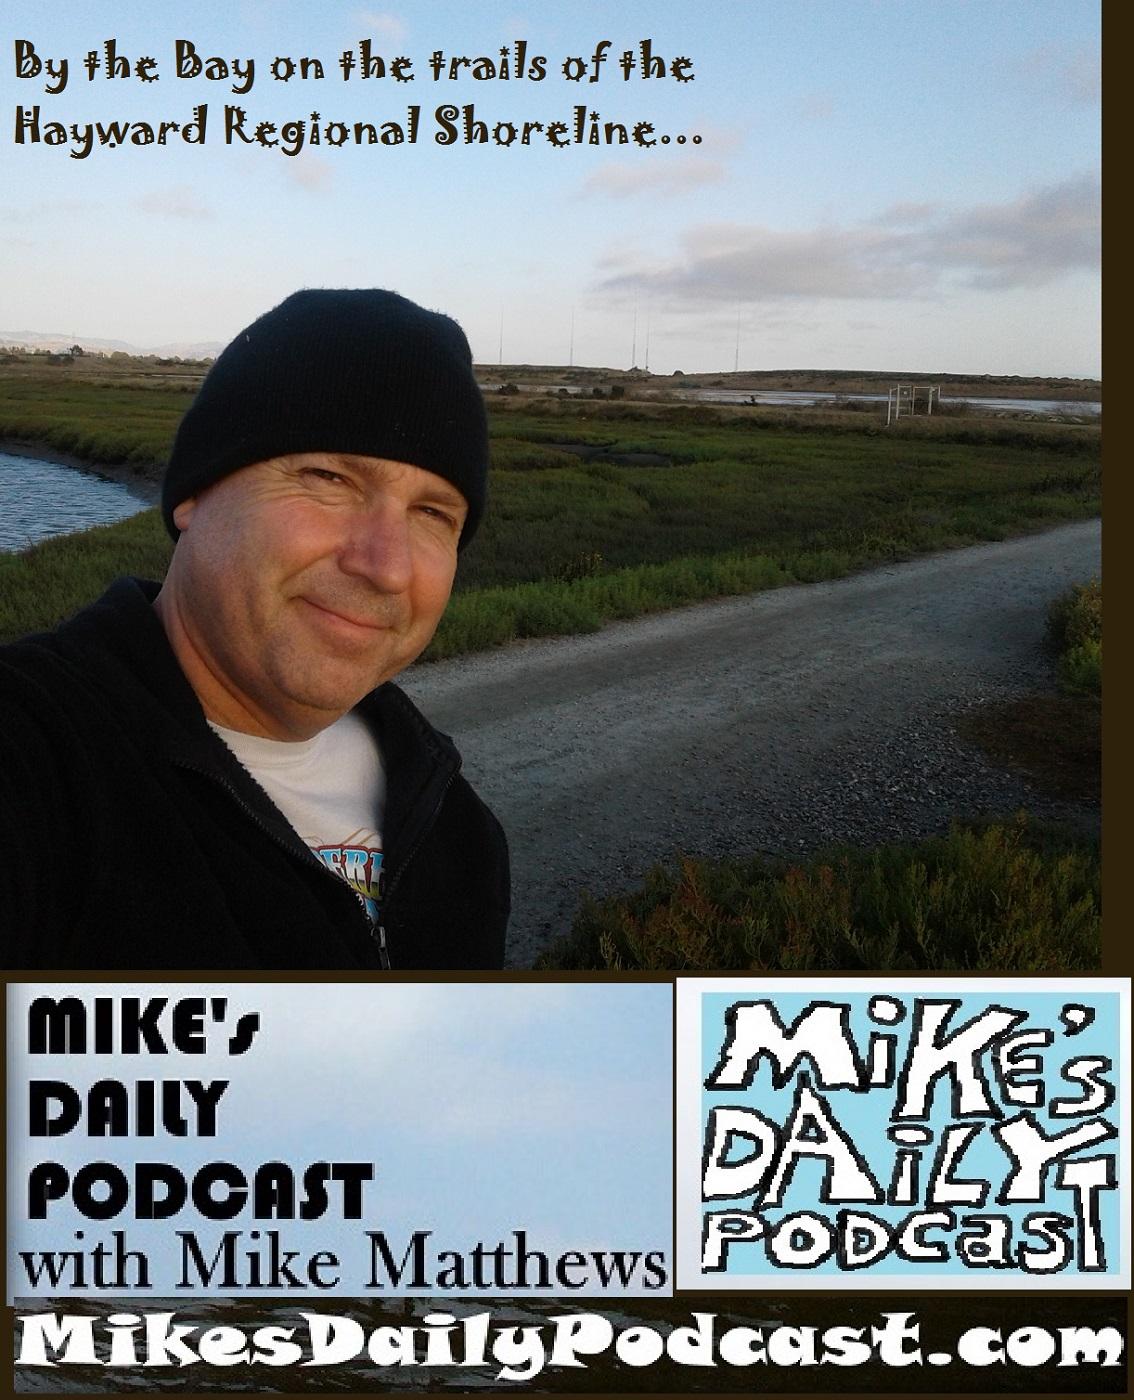 MIKEs DAILY PODCAST 1149 Hayward Regional Shoreline